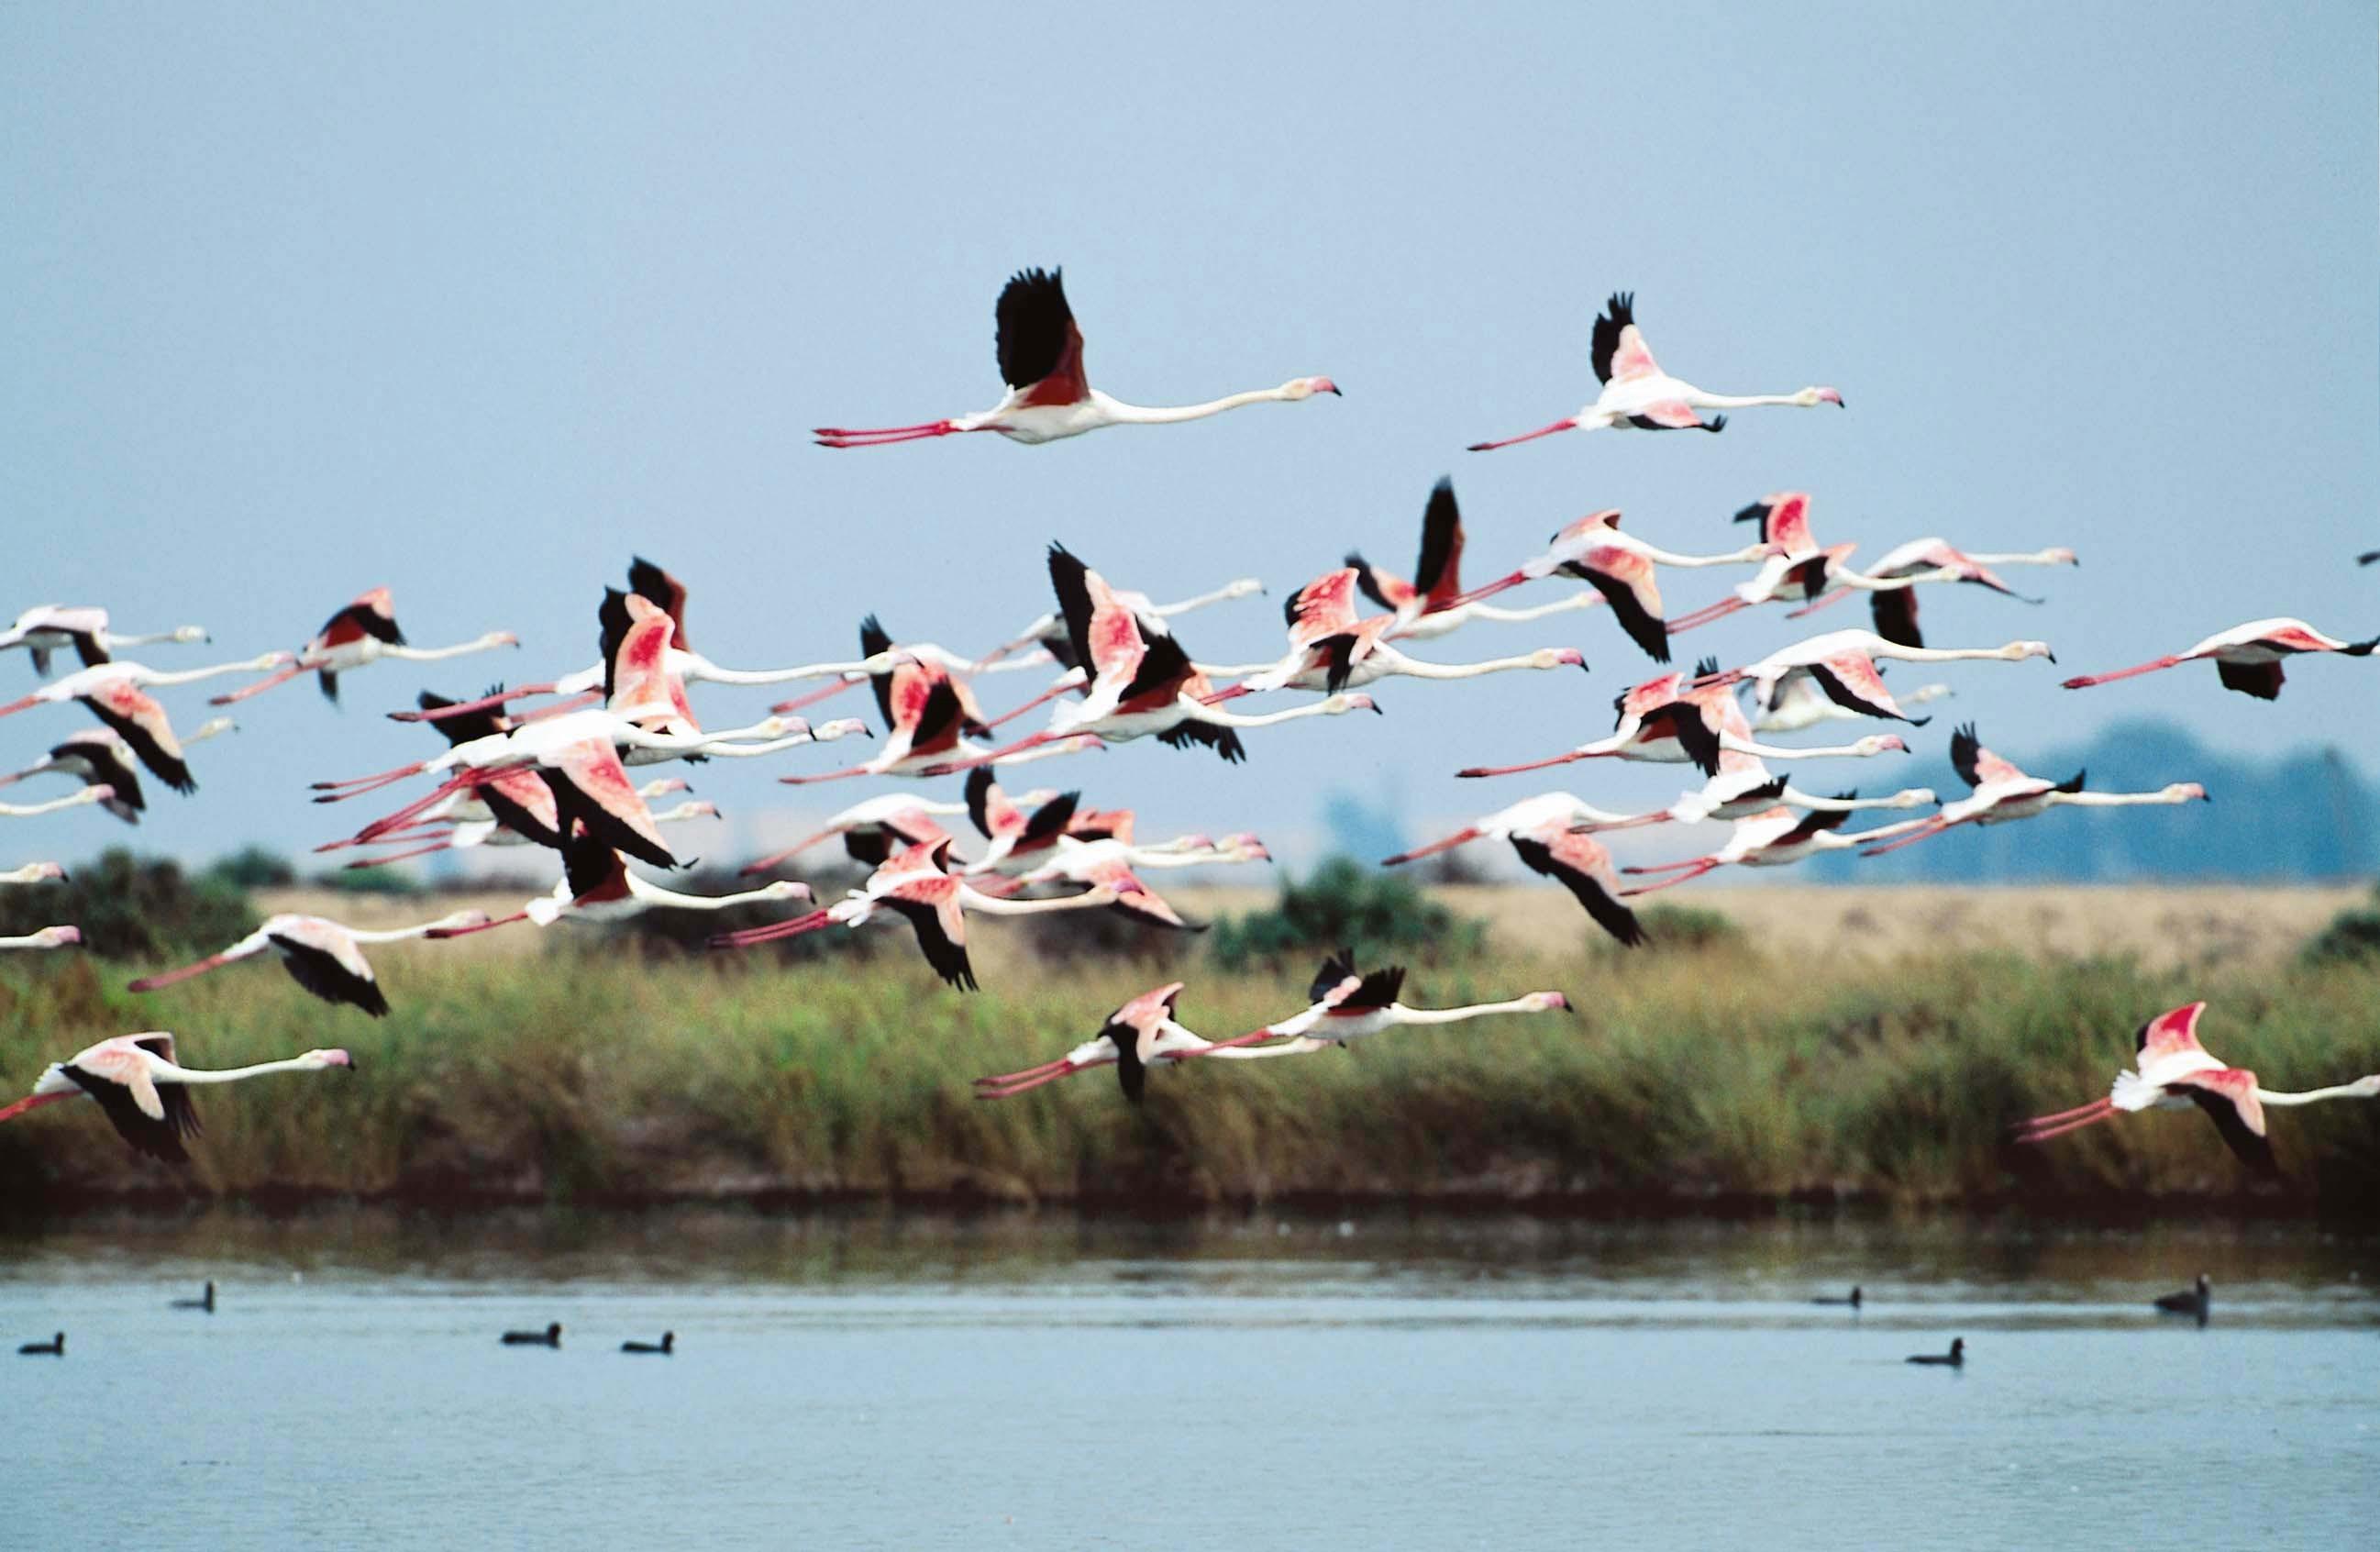 Foto PuertoAntilla Ecoturismo 24052018 1 - Ecoturismo, una forma de descubrir Huelva a través de su naturaleza